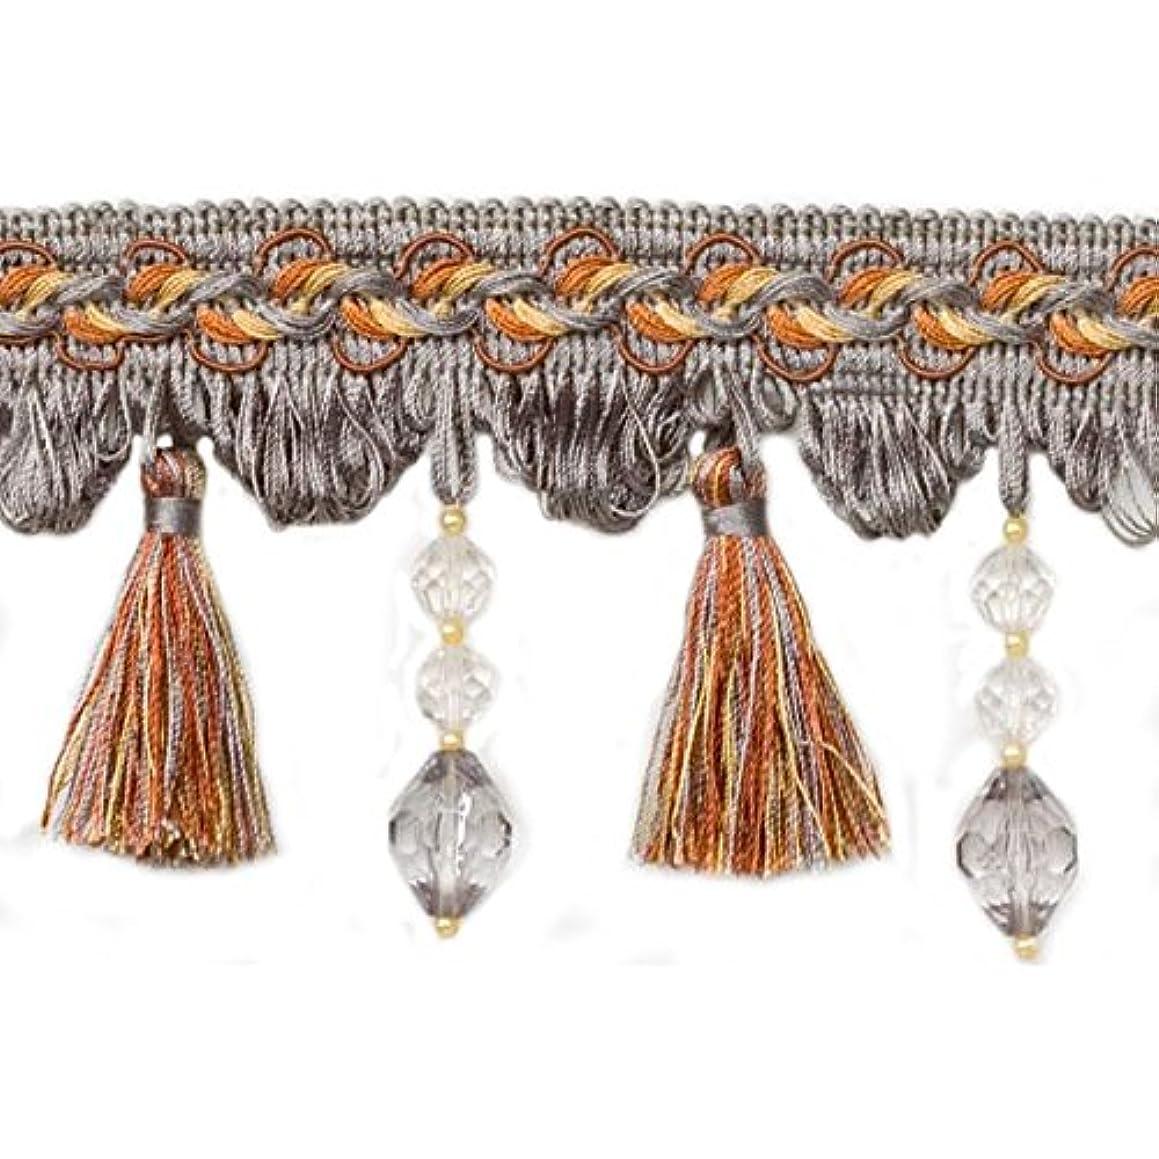 Expo International Tassel and Bead Fringe Trim, 10 yd, Slate/Multicolor